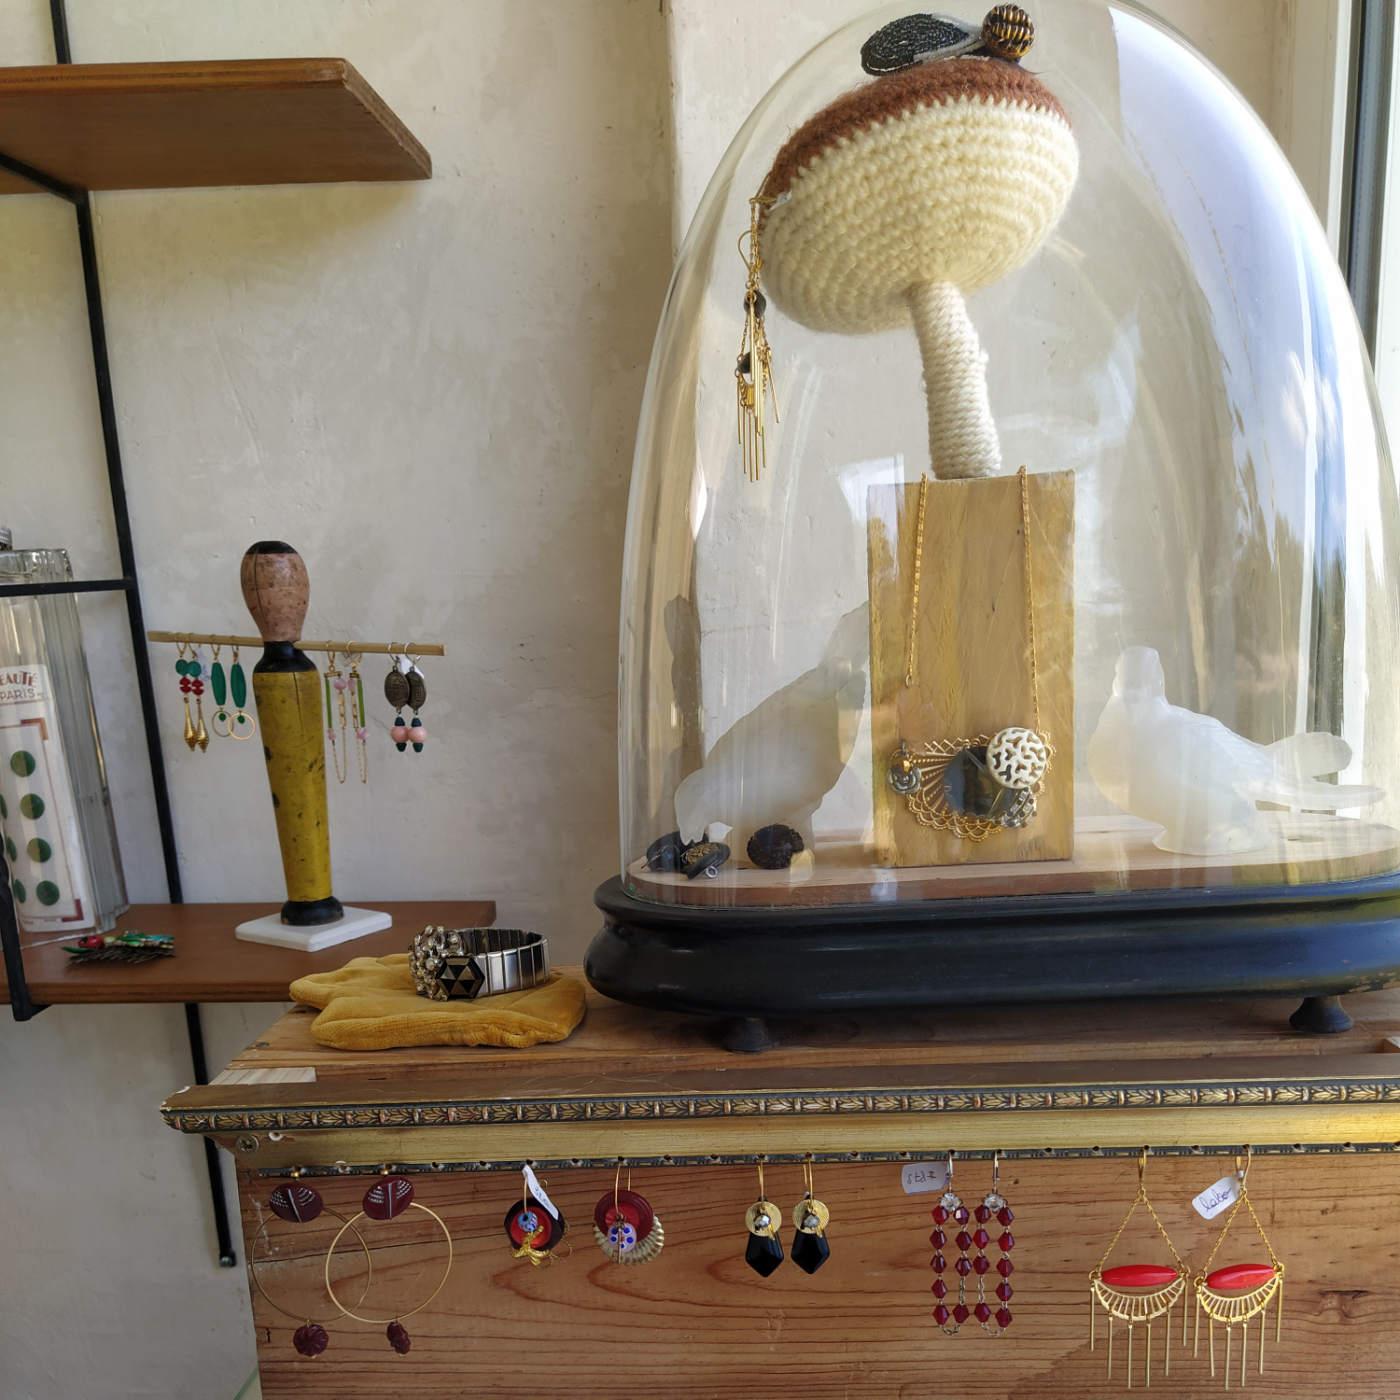 Laborantique atelier de bijoux fantaisie à Échourgnac en Dordogne